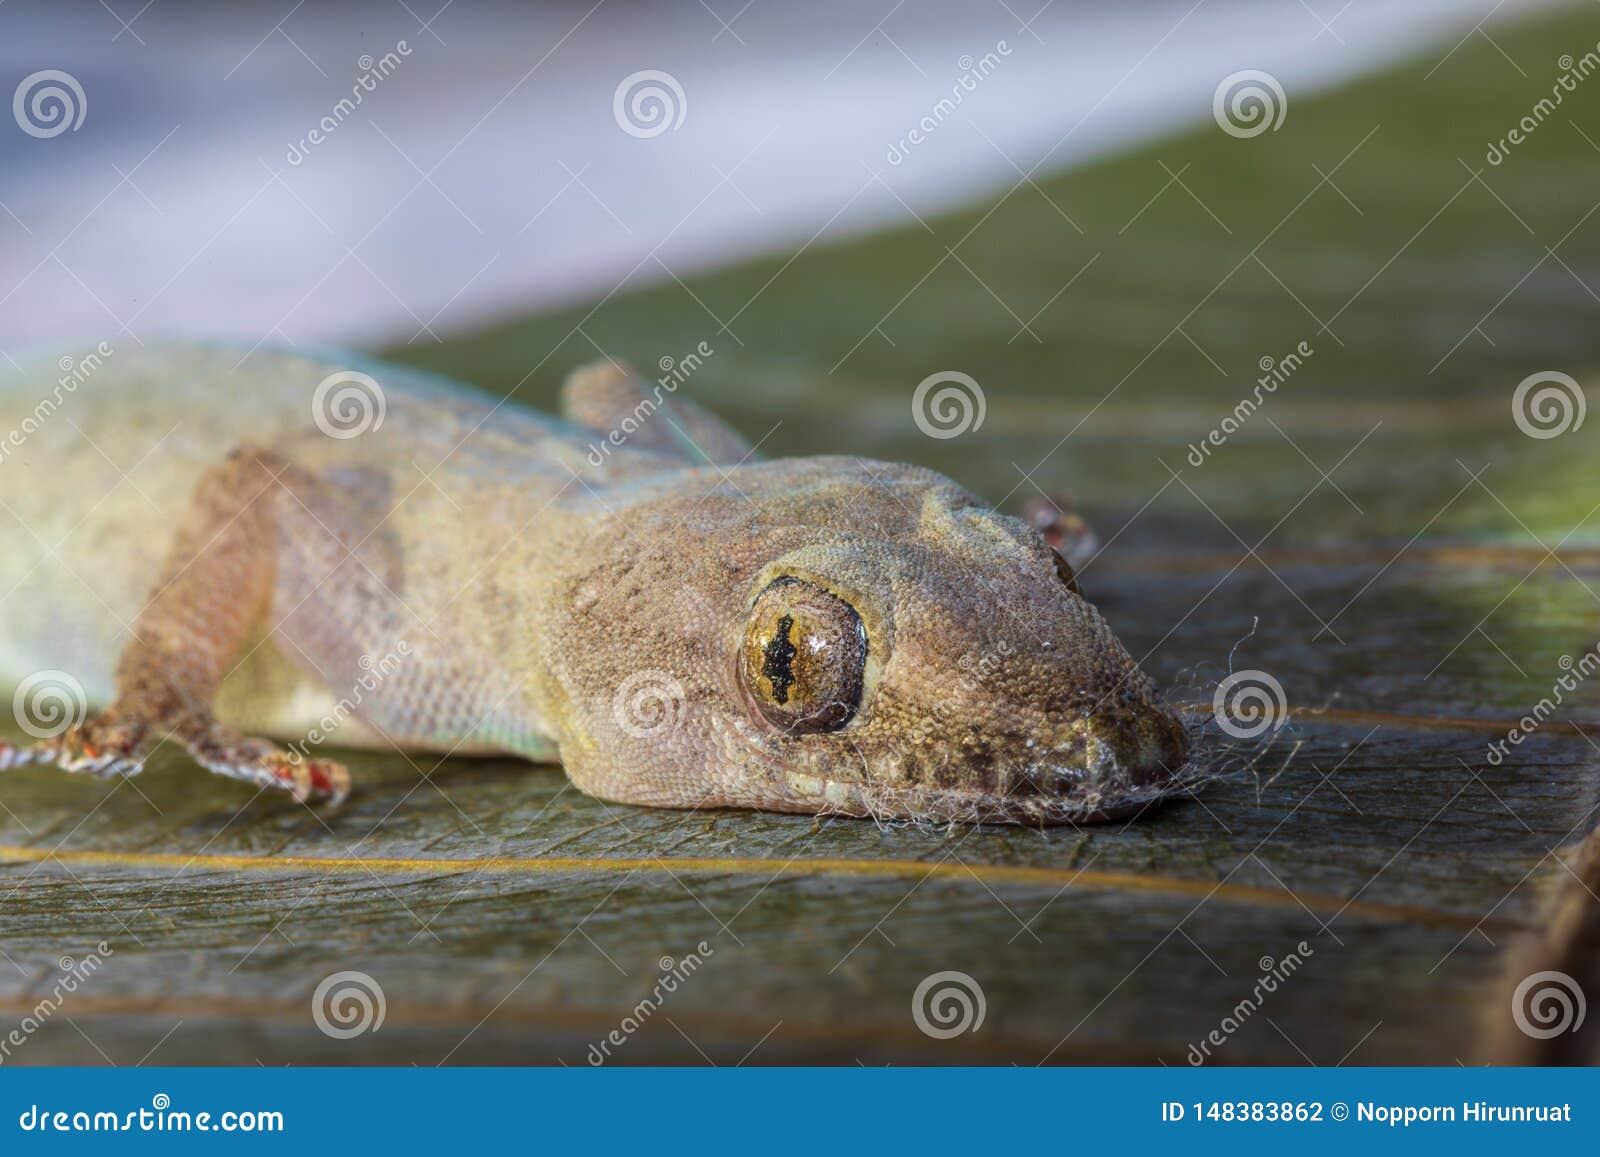 蜥蜴和顶头特写镜头的眼睛